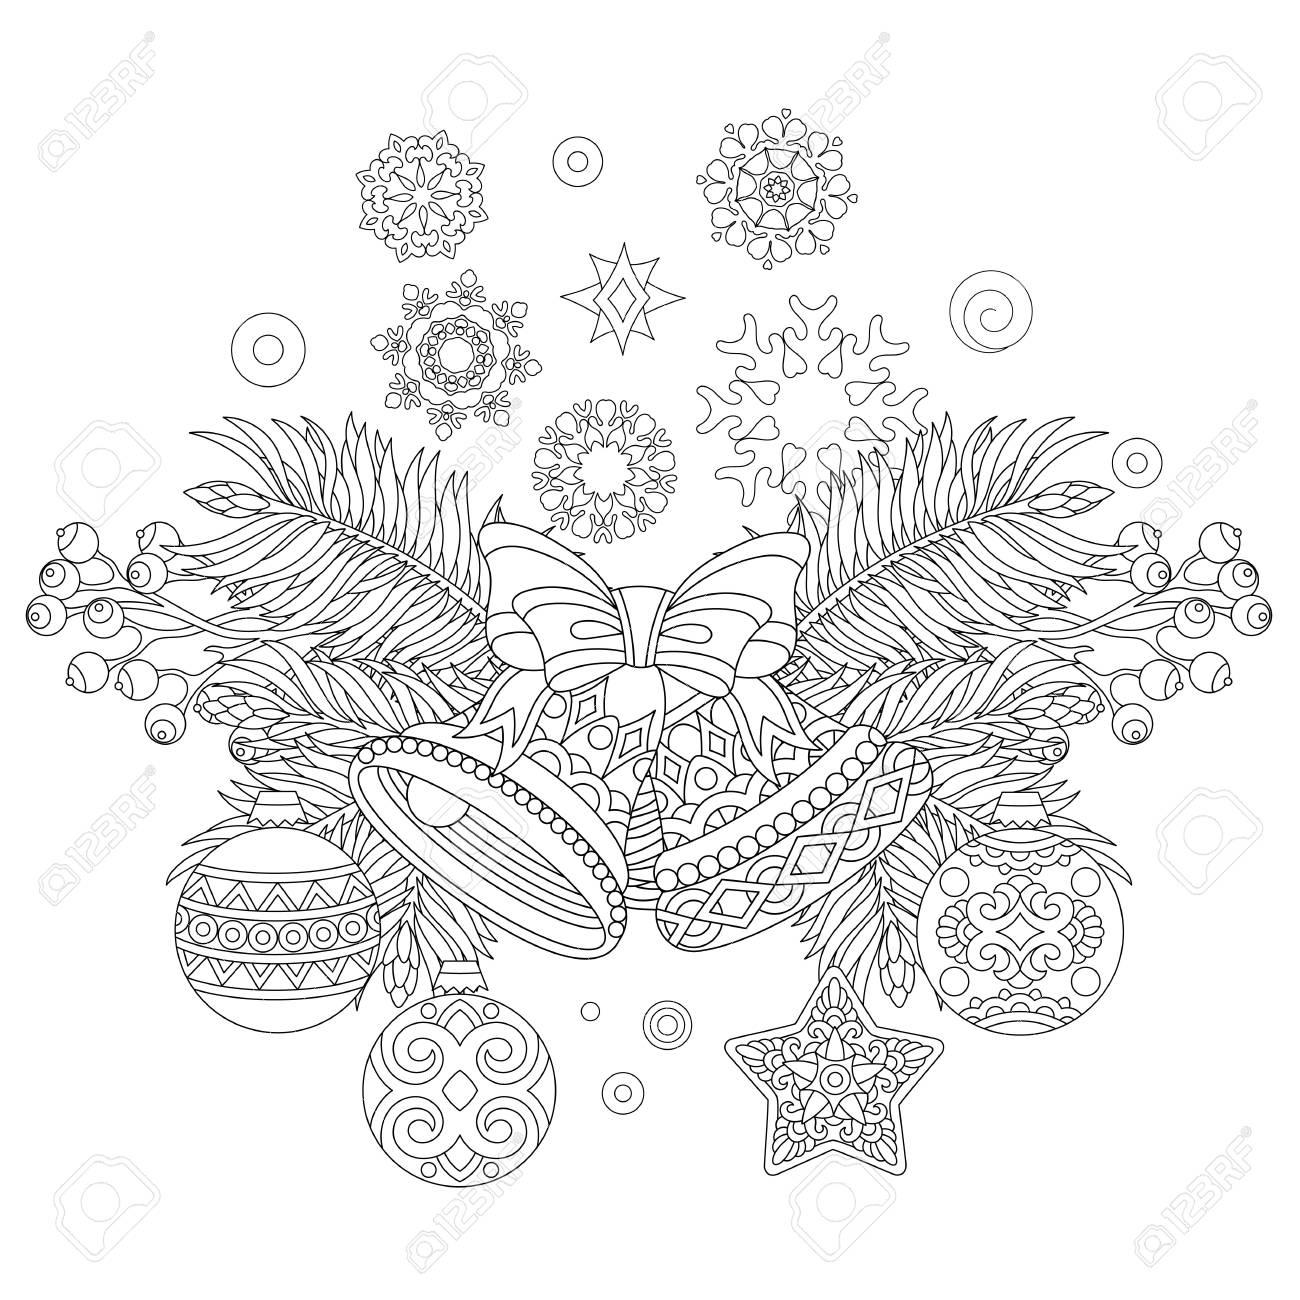 Página Para Colorear Con Decoraciones Navideñas. Árbol De Abeto ...